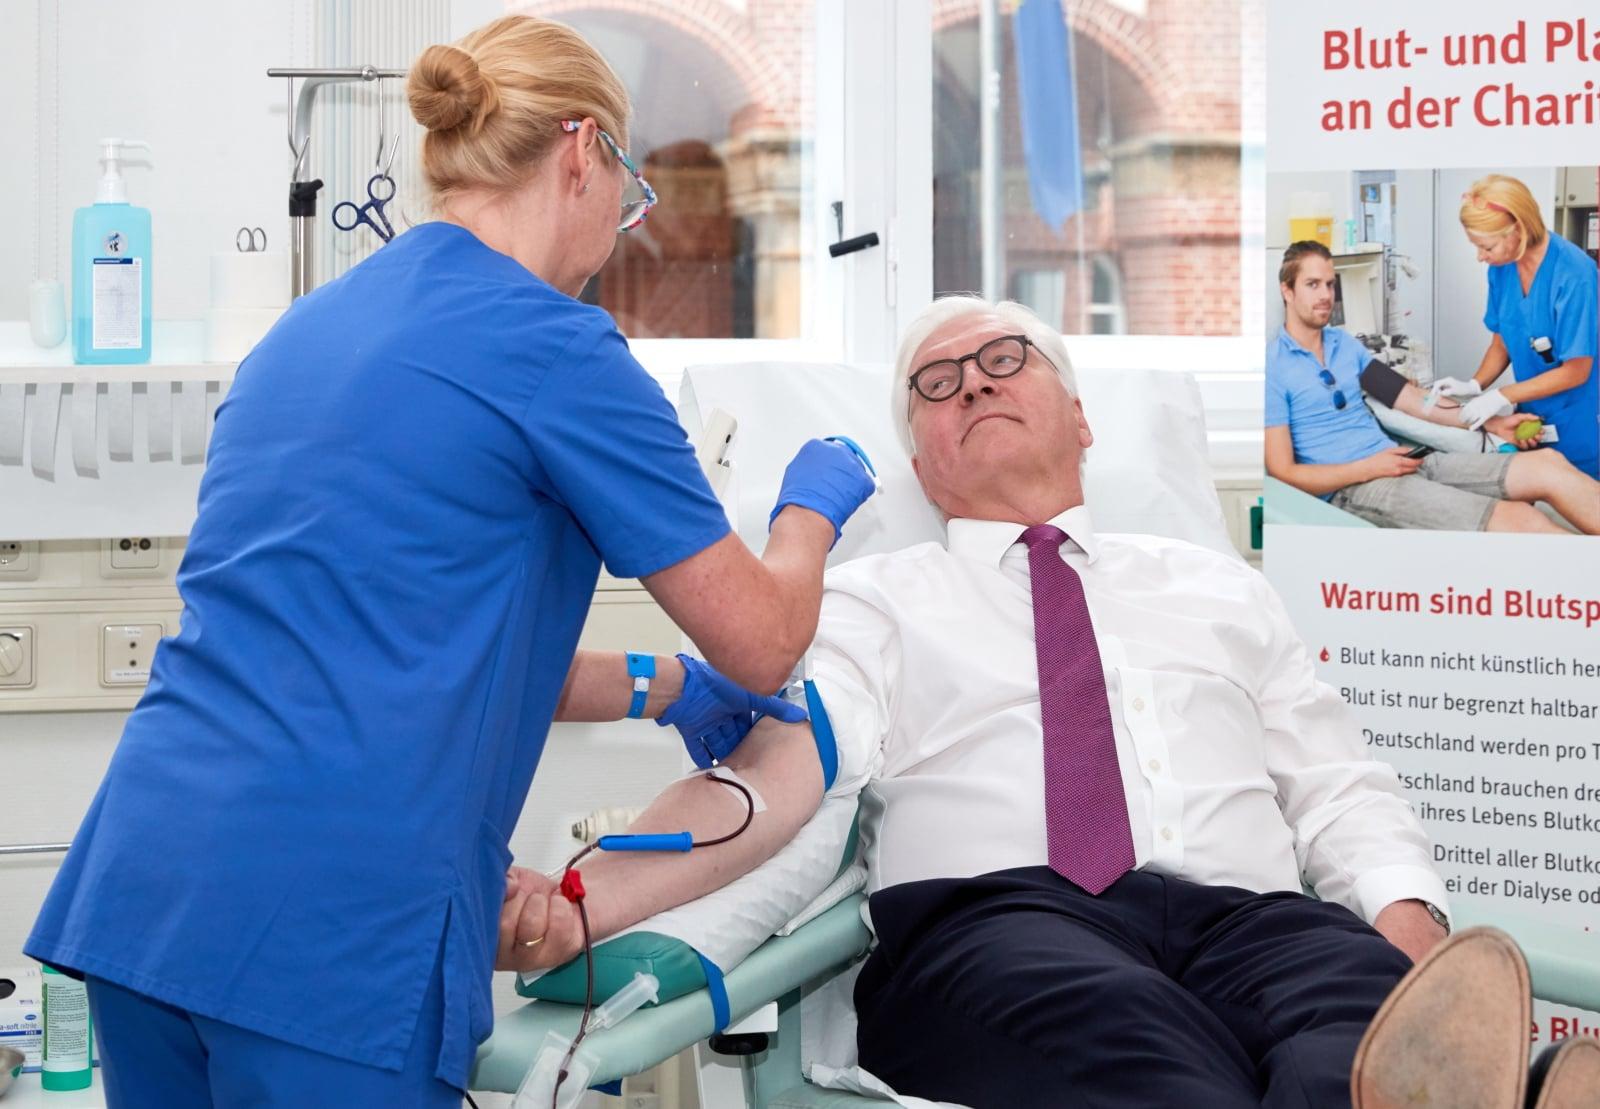 Prezydent Niemiec Frank-Walter Steinmeier z okazji jutrzejszego Światowego Dnia Krwiodawcy, oddaje krew w szpitalu Charite  w Berlinie, fot. EPA/HAYOUNG JEON